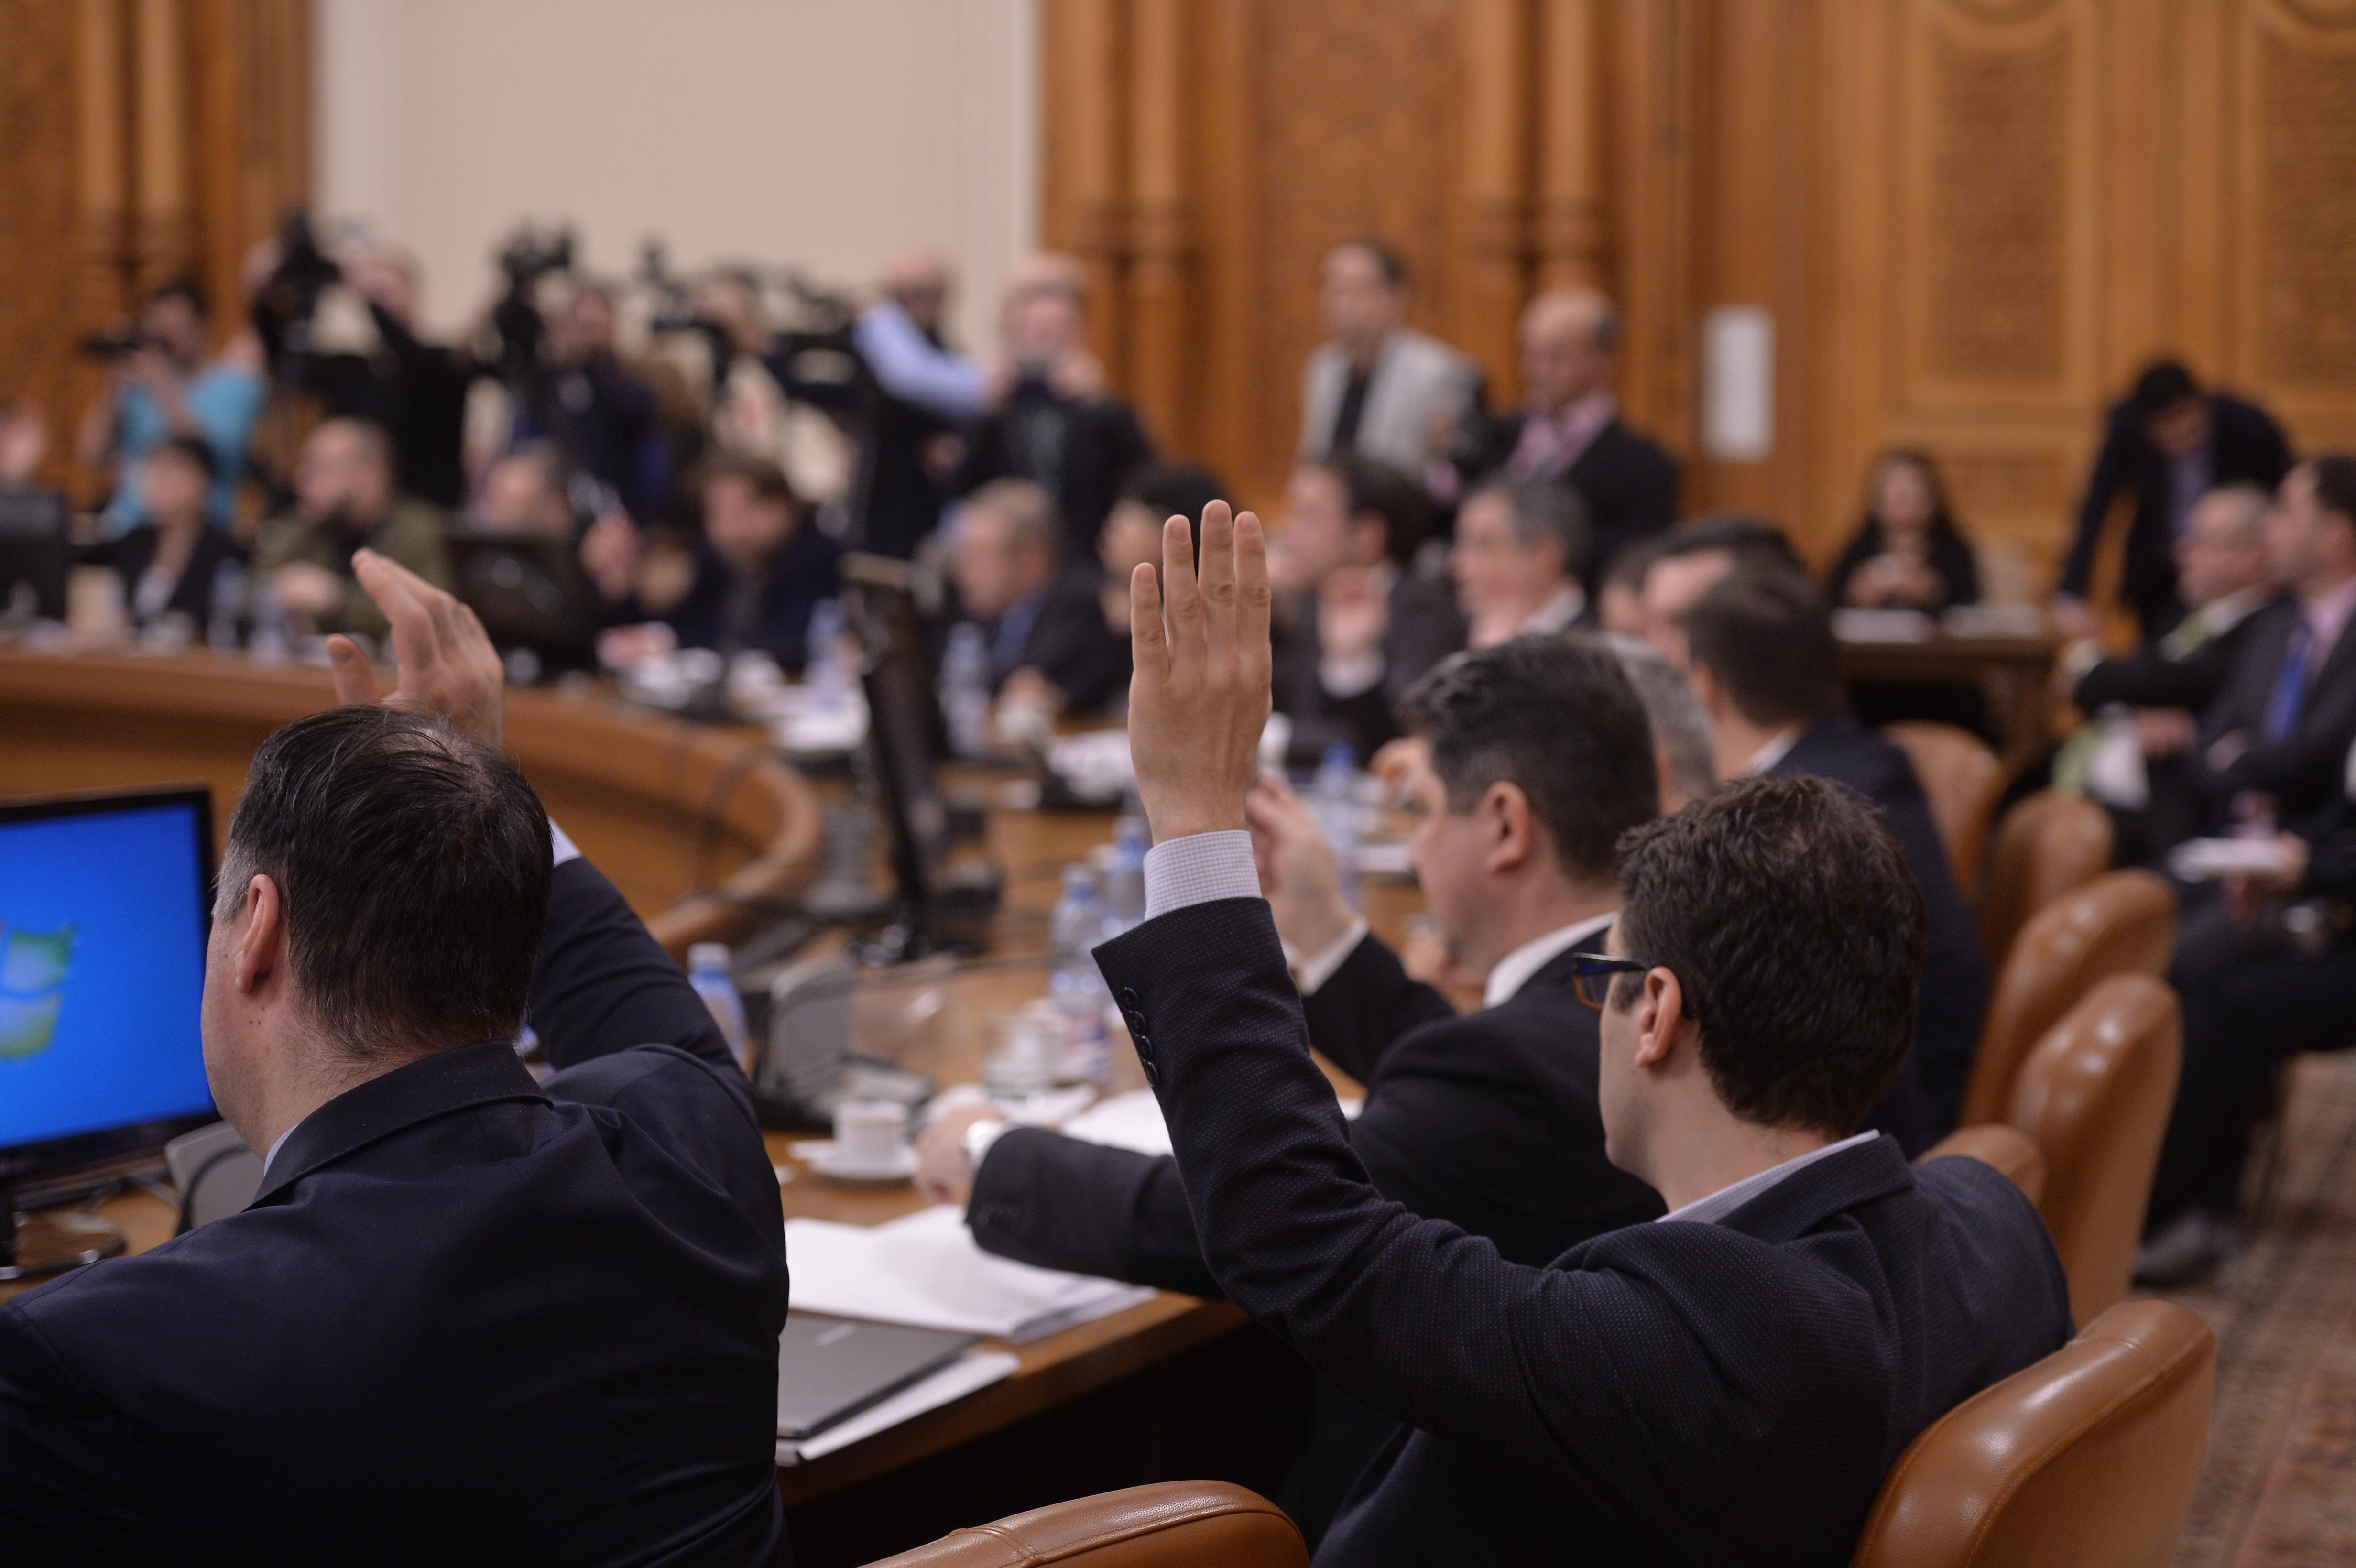 Mihai Busuioc, secretar general al Guvernului, validat pentru funcţia de preşedinte al Curţii de Conturi, în comisiile reunite